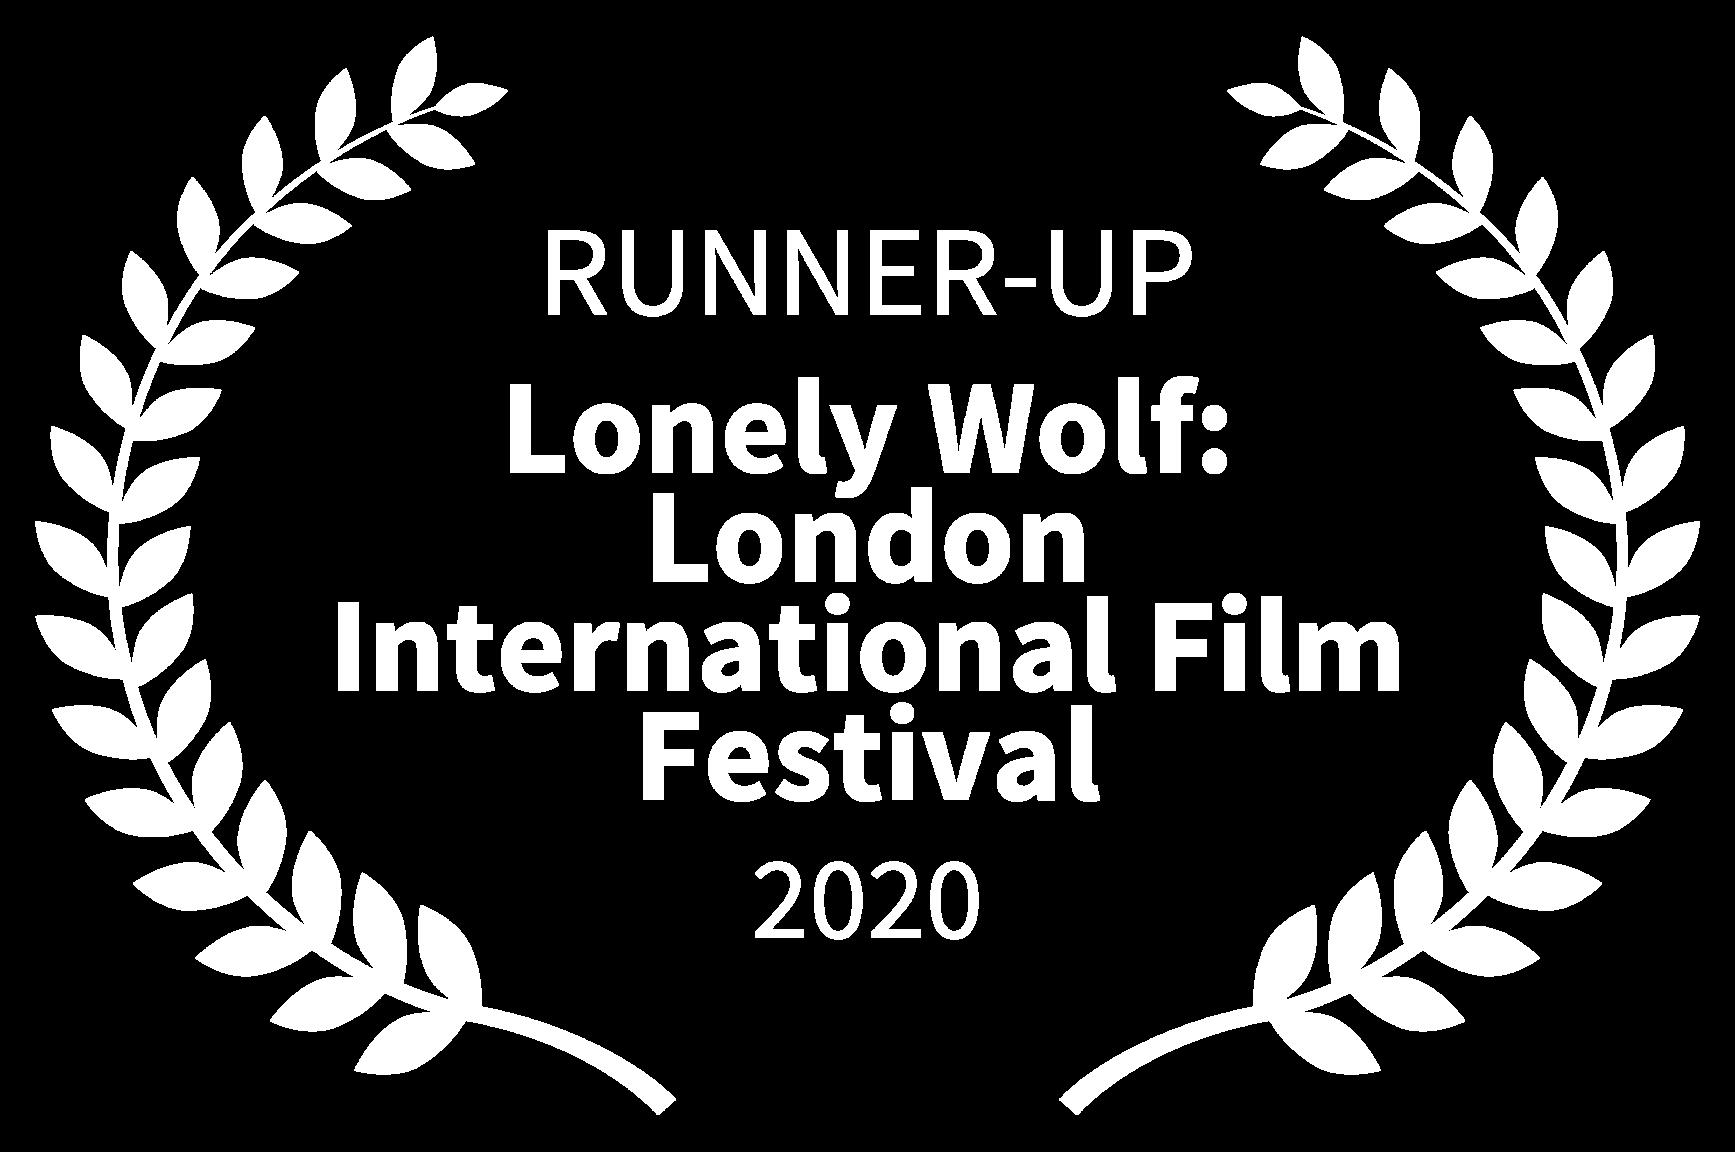 RUNNER-UP - Lonely Wolf London International Film Festival - 2020